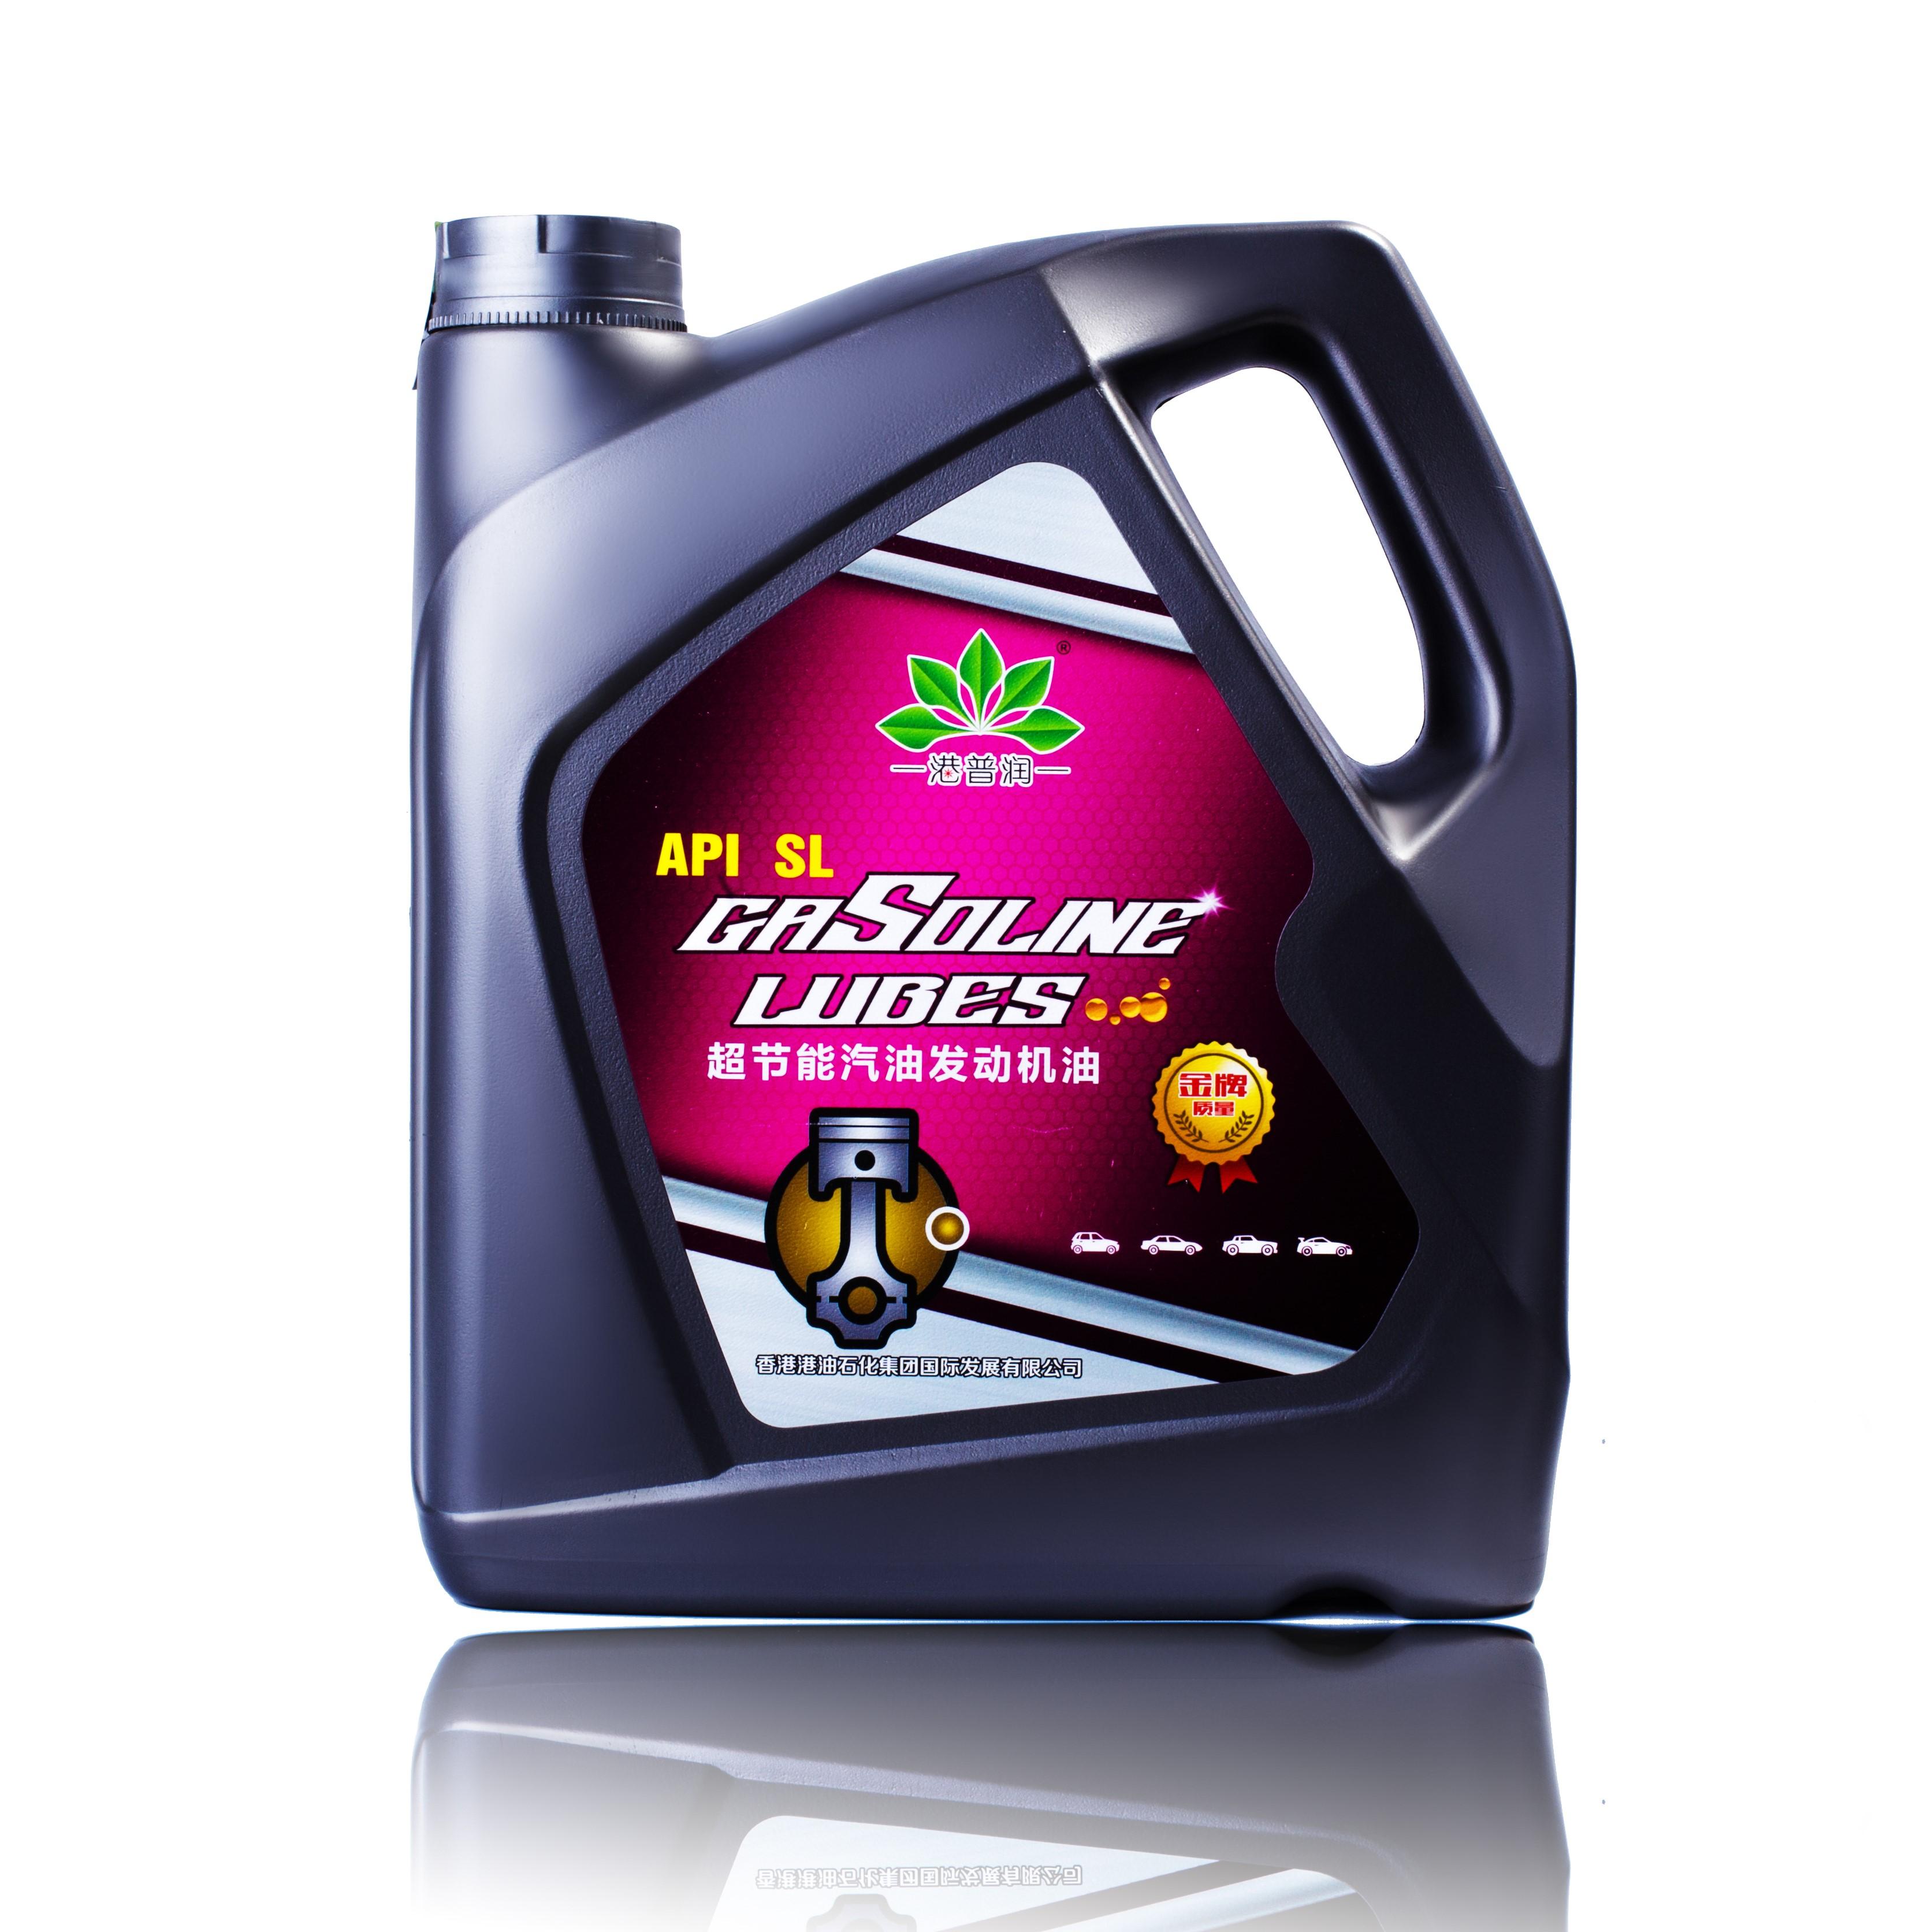 SL 超节能雷电竞备用网站发动机油